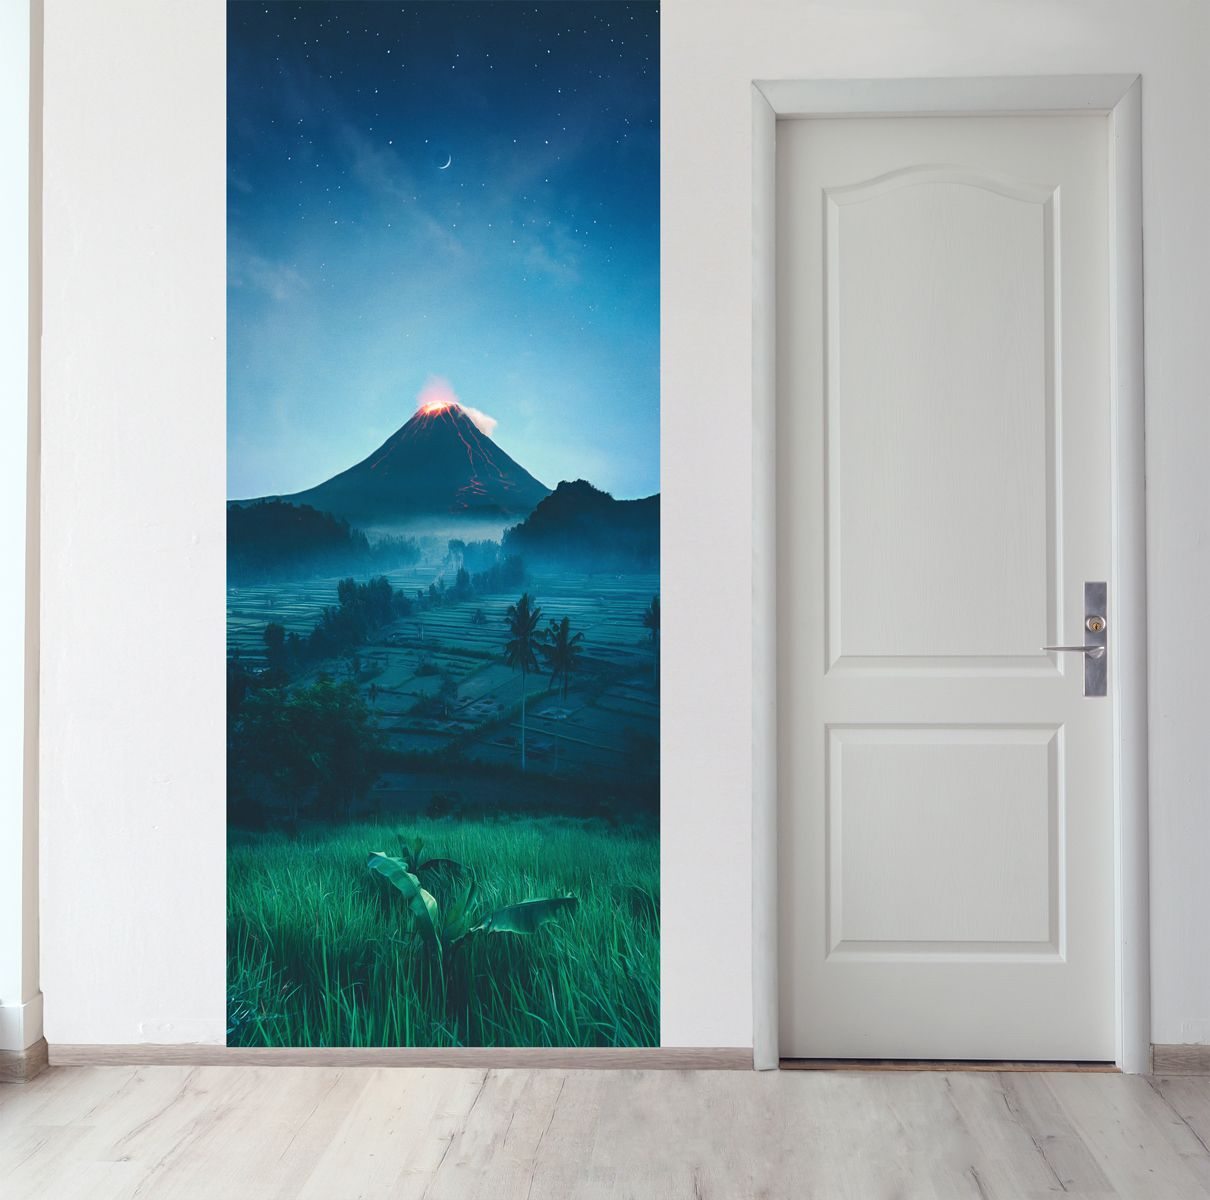 Панно на стену - Подножие вулкана магазин Интерьерные наклейки